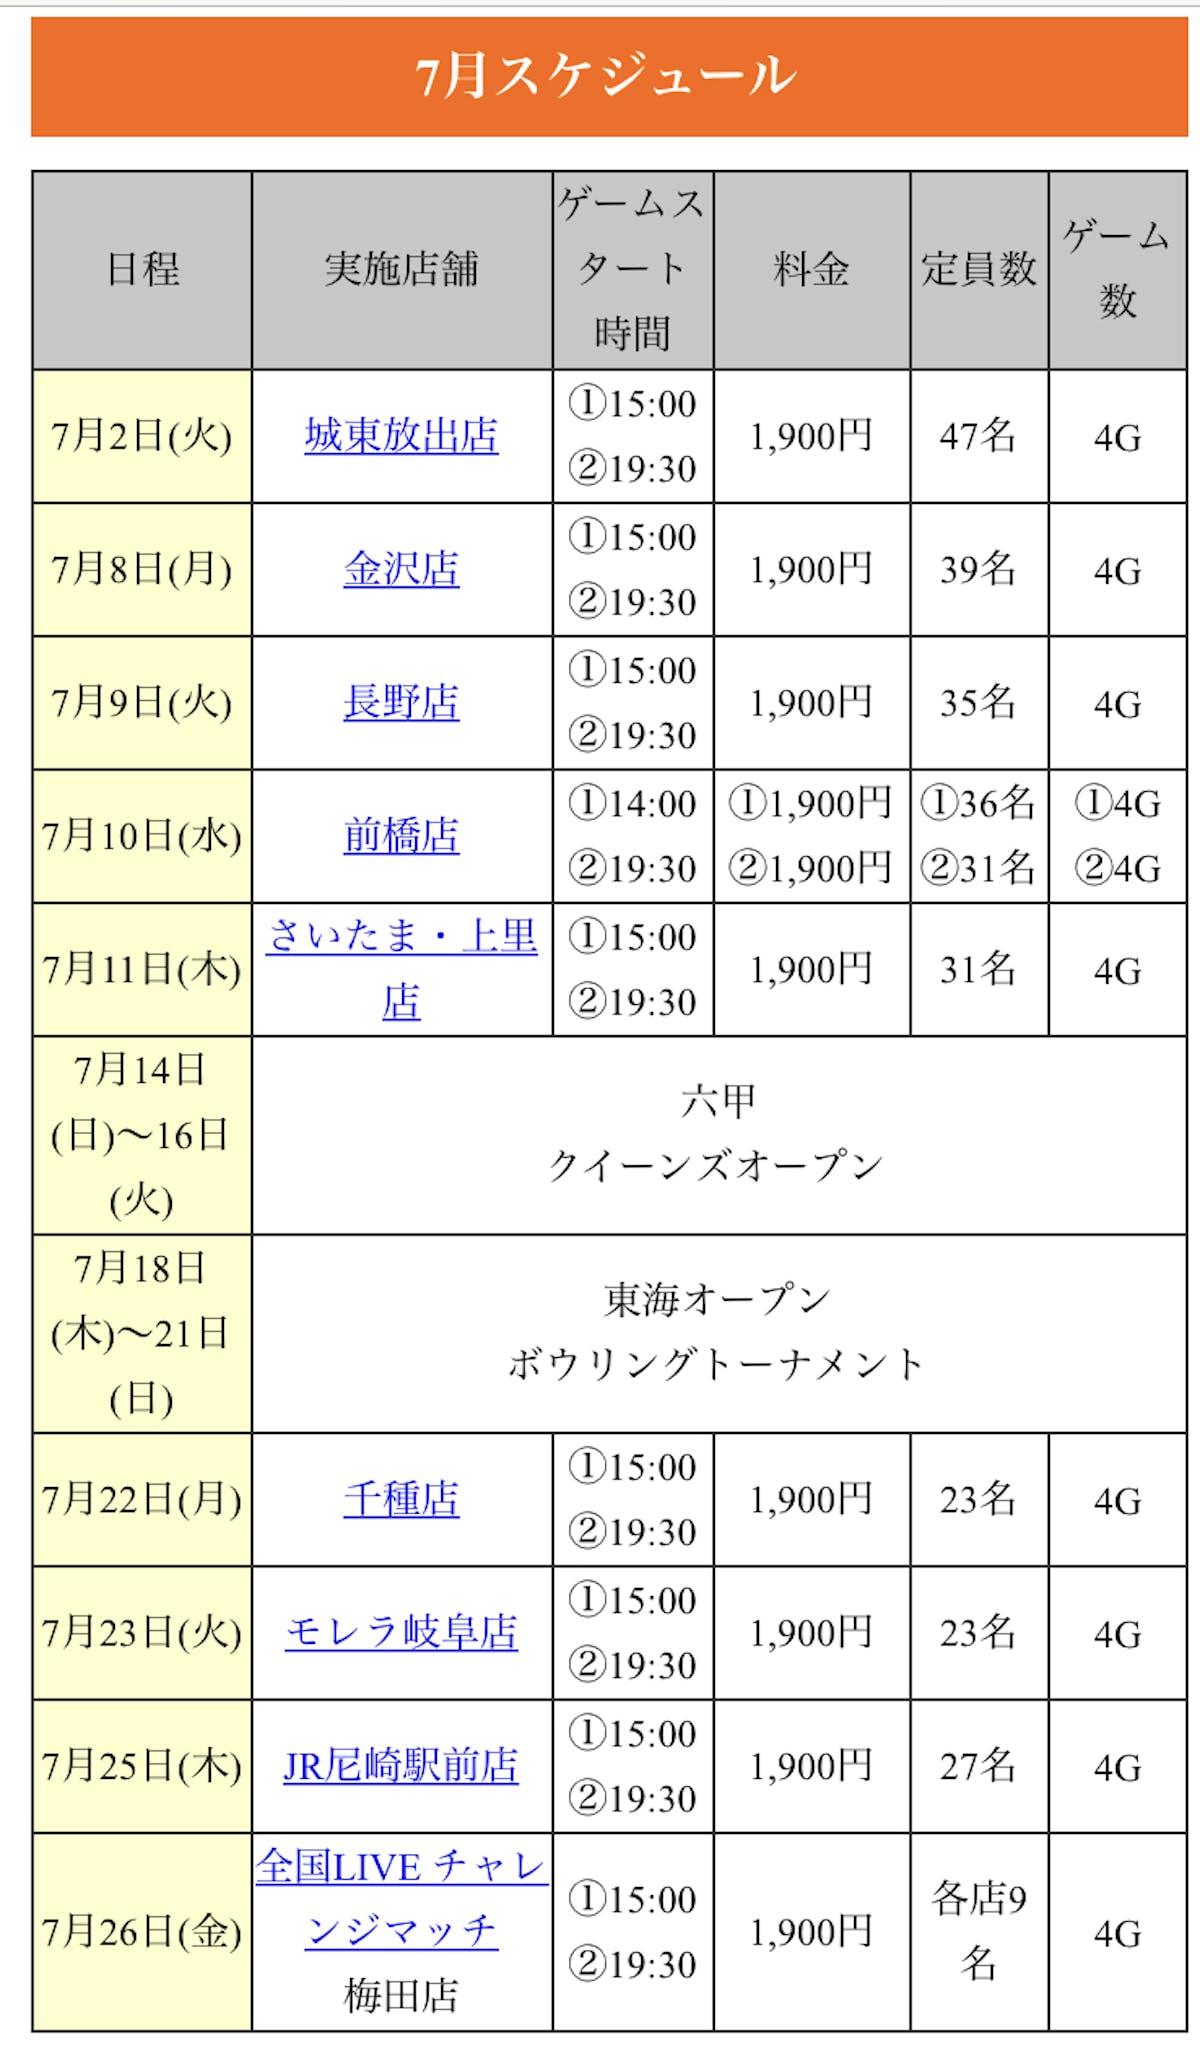 3763498C-E22E-48BE-B27F-222C192F4017.jpeg